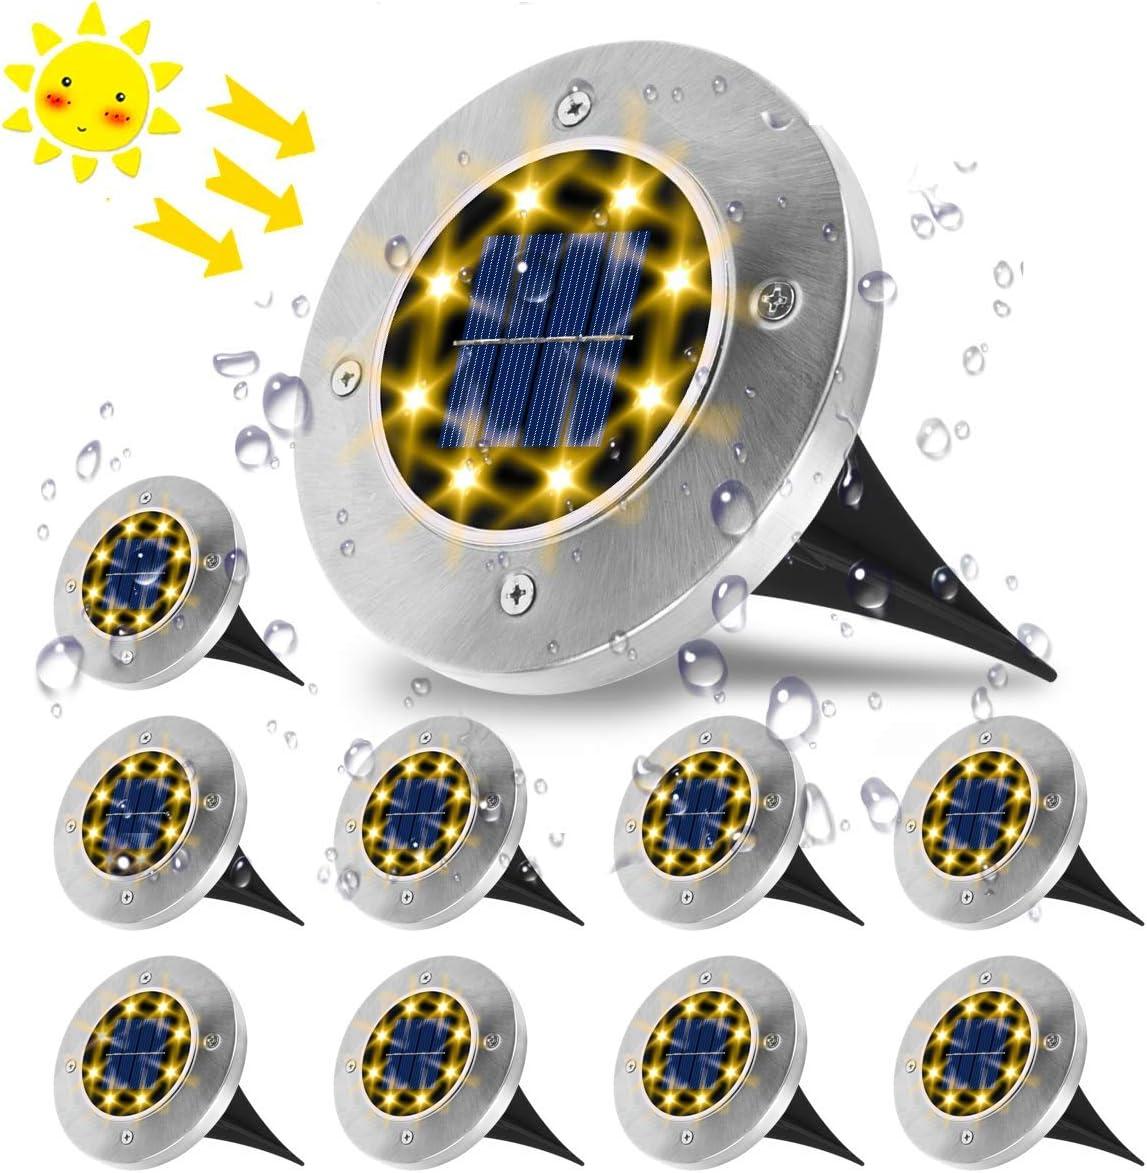 Luces Solares para Exterior,VIFLYKOO Luz Focos led Exterior Solar Luz de Jardin IP65 impermeable Lámpara de exterior acero inoxidable para césped ...